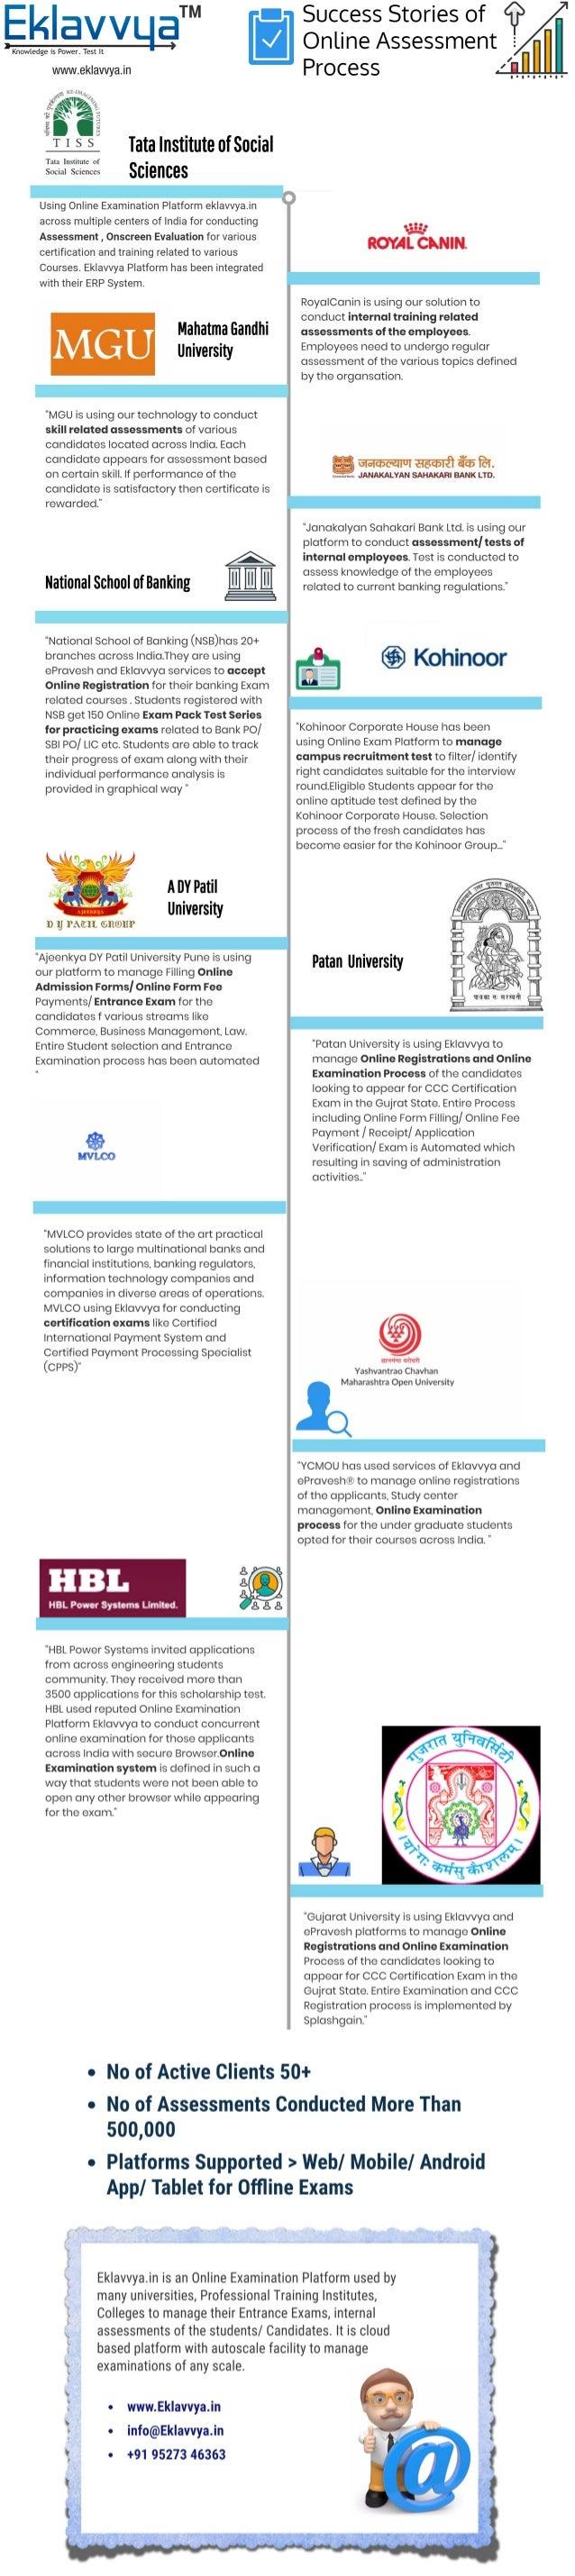 Online Exam Success Stories eklavvya.in